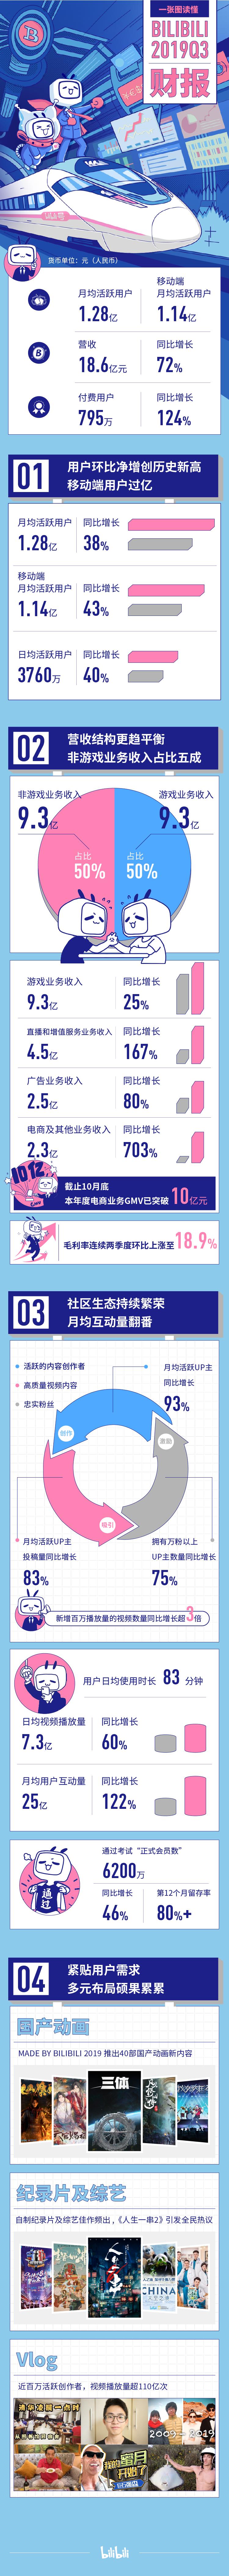 B站三季度营收增72%,实现游戏和非游戏收入各占一半目标_用户